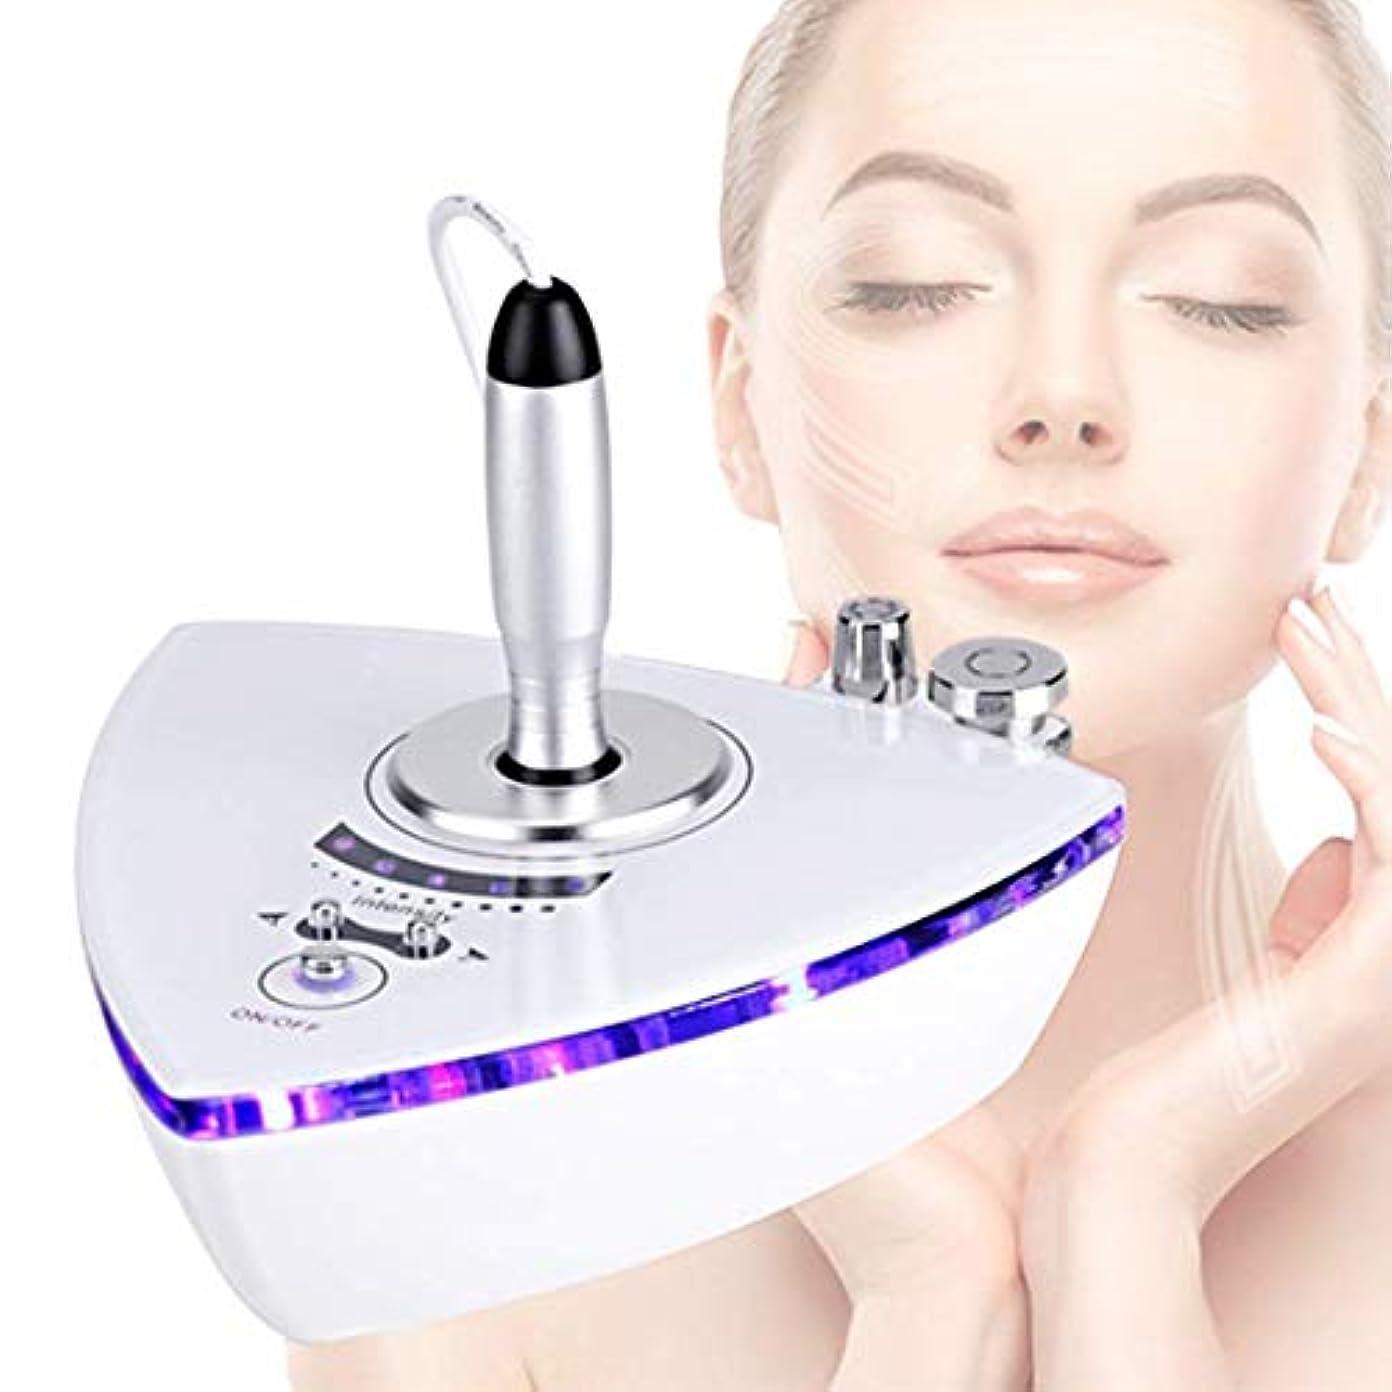 神秘的なお香形容詞RFの無線周波数の美顔術機械、反老化のスキンケアをきつく締める皮の若返りのしわ除去の皮のための家の使用携帯用美顔術機械